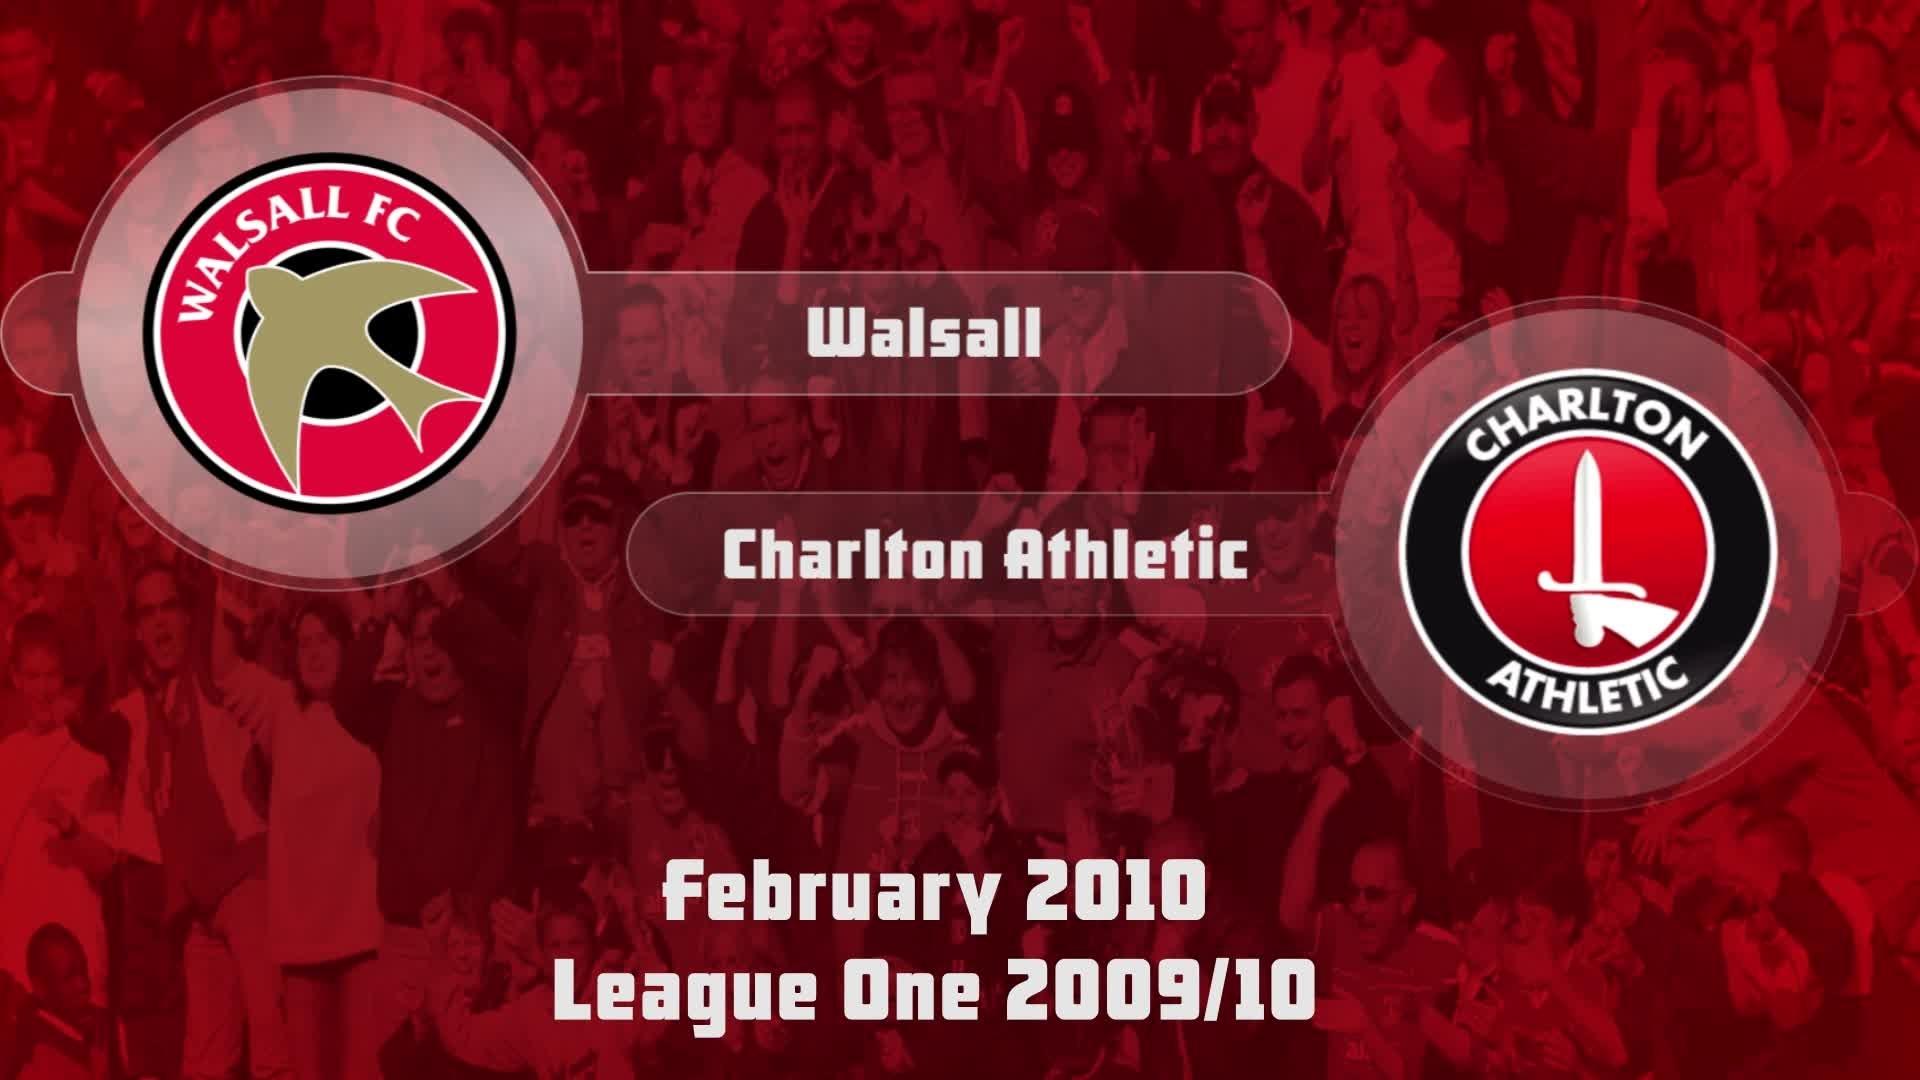 33 HIGHLIGHTS | Wallsall 1 Charlton 1 (Feb 2010)